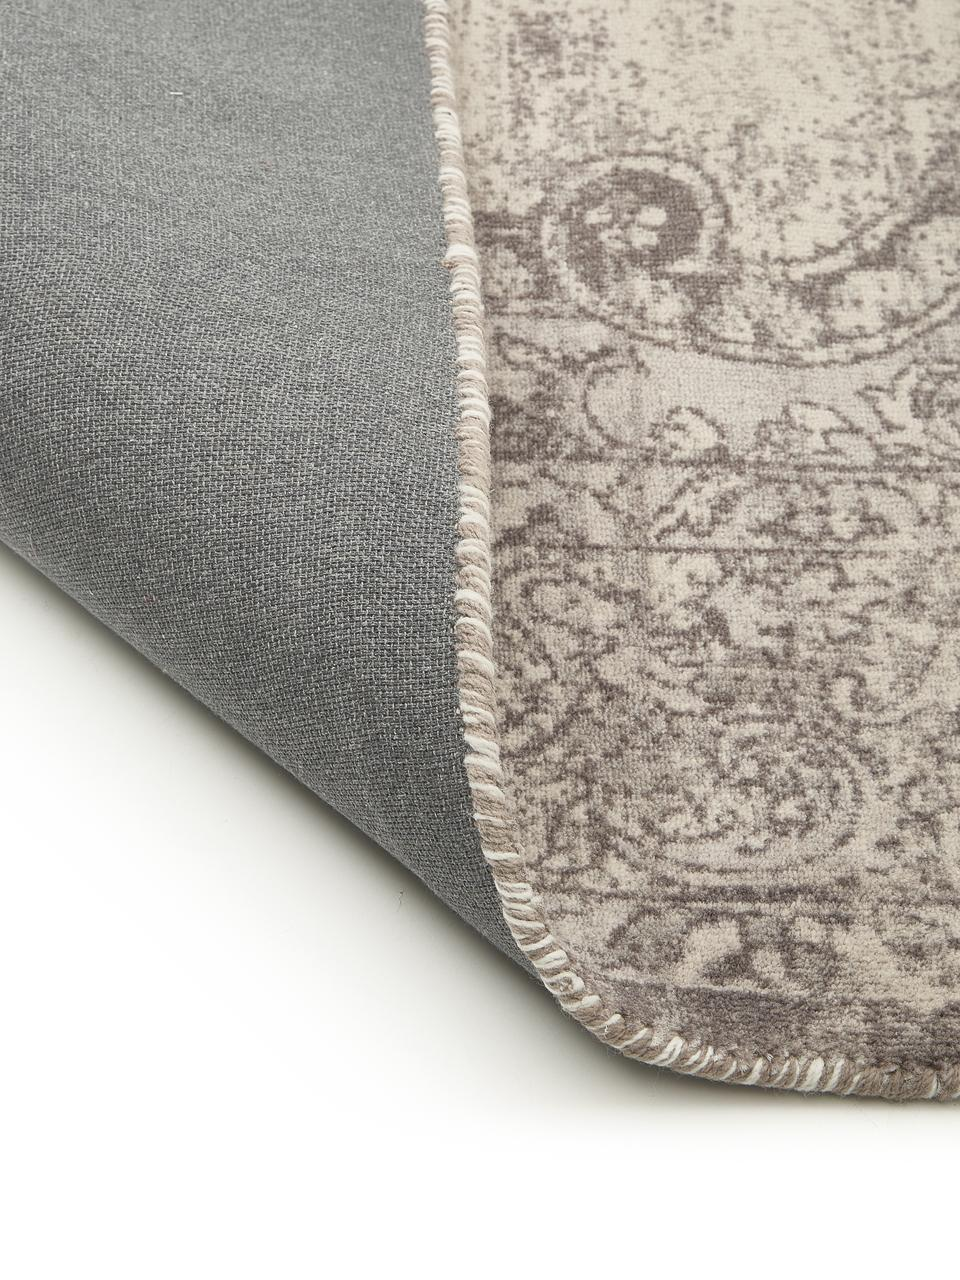 Tappeto vintage in nylon e cotone Elegant, Retro: 100% cotone, Grigio, Larg. 80 x Lung. 150 cm (taglia XS)